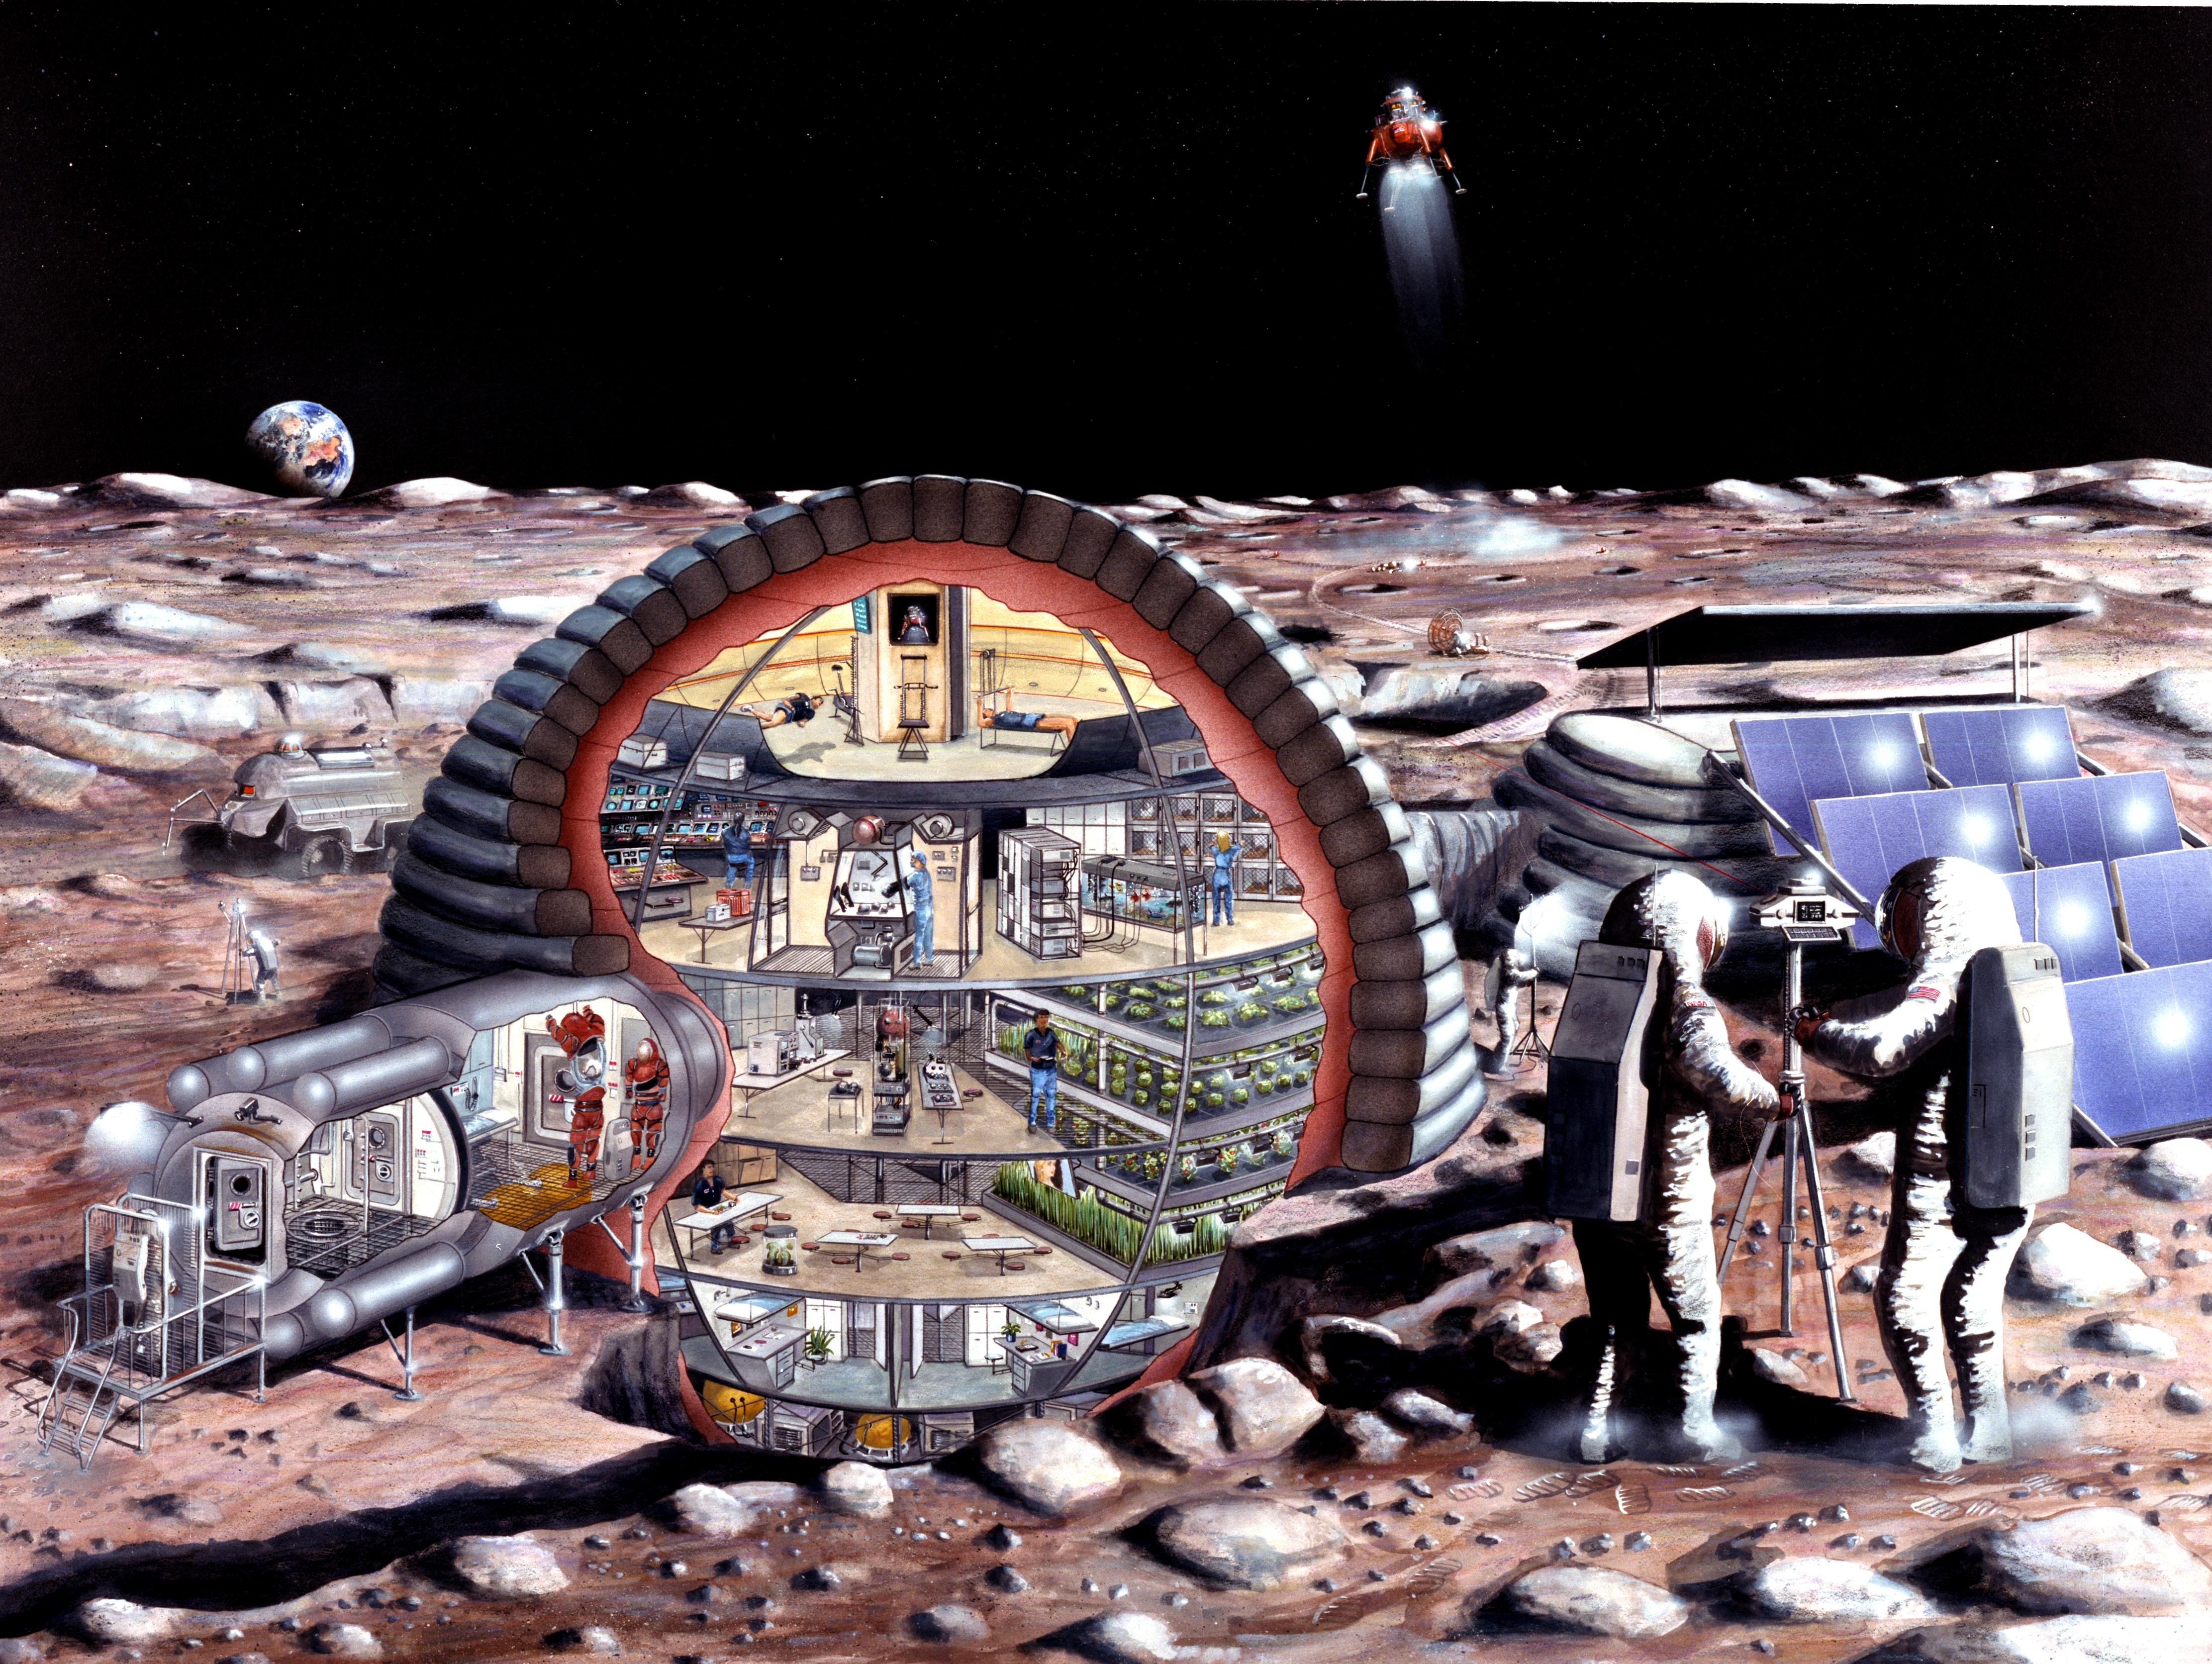 Проект жилого модуля на Луне.